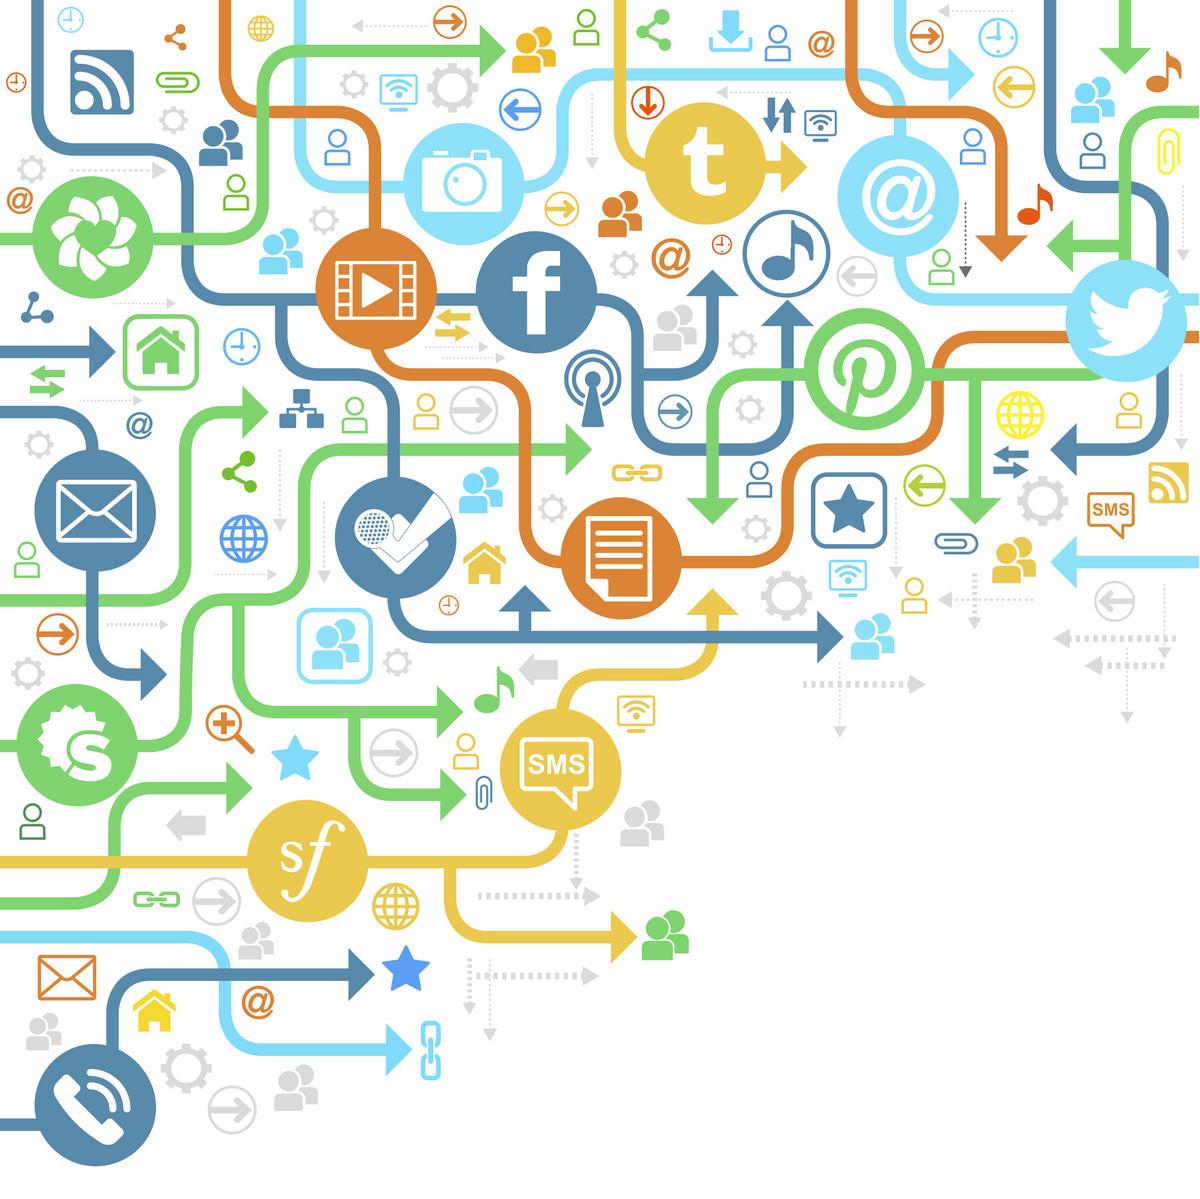 Como o marketing digital pode te ajudar a trazer novos clientes?